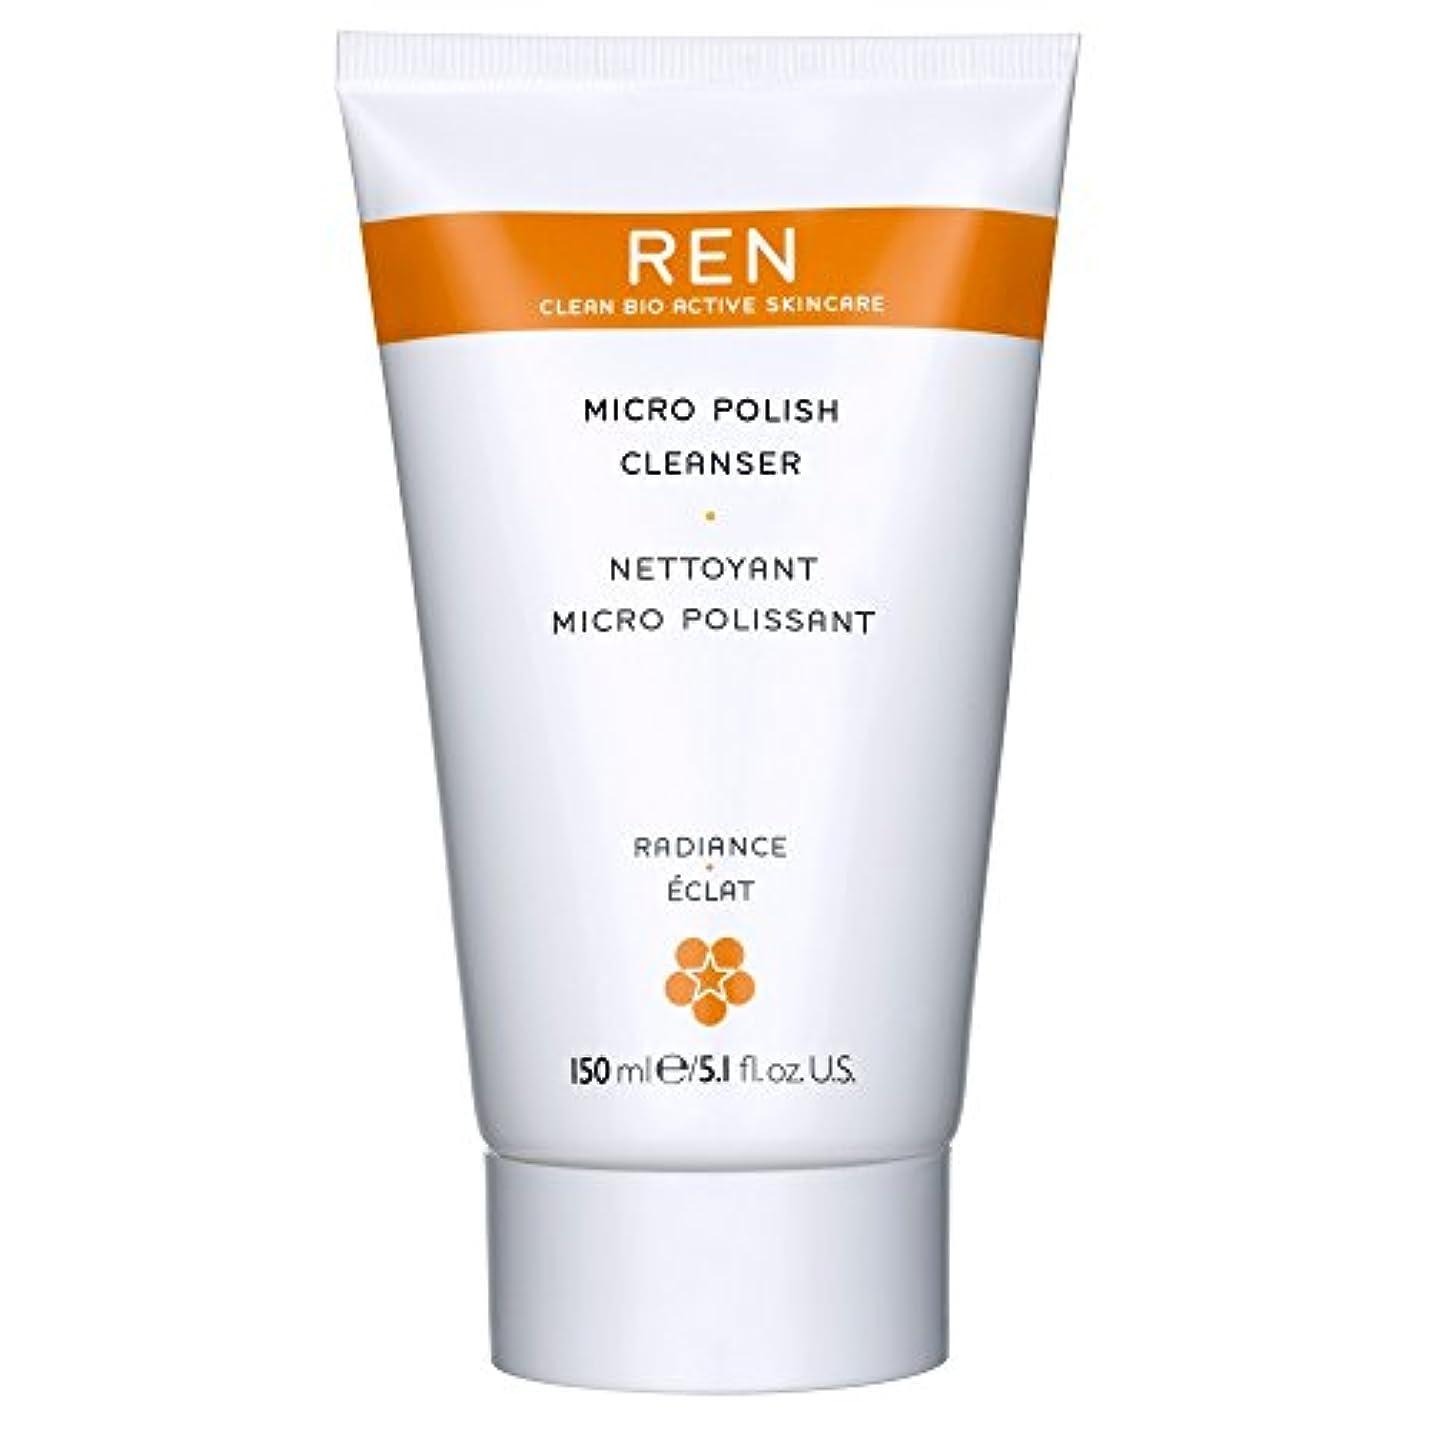 パンチ予感行方不明Renミルコ磨きクレンザー、150ミリリットル (REN) (x6) - REN Mirco Polish Cleanser, 150ml (Pack of 6) [並行輸入品]